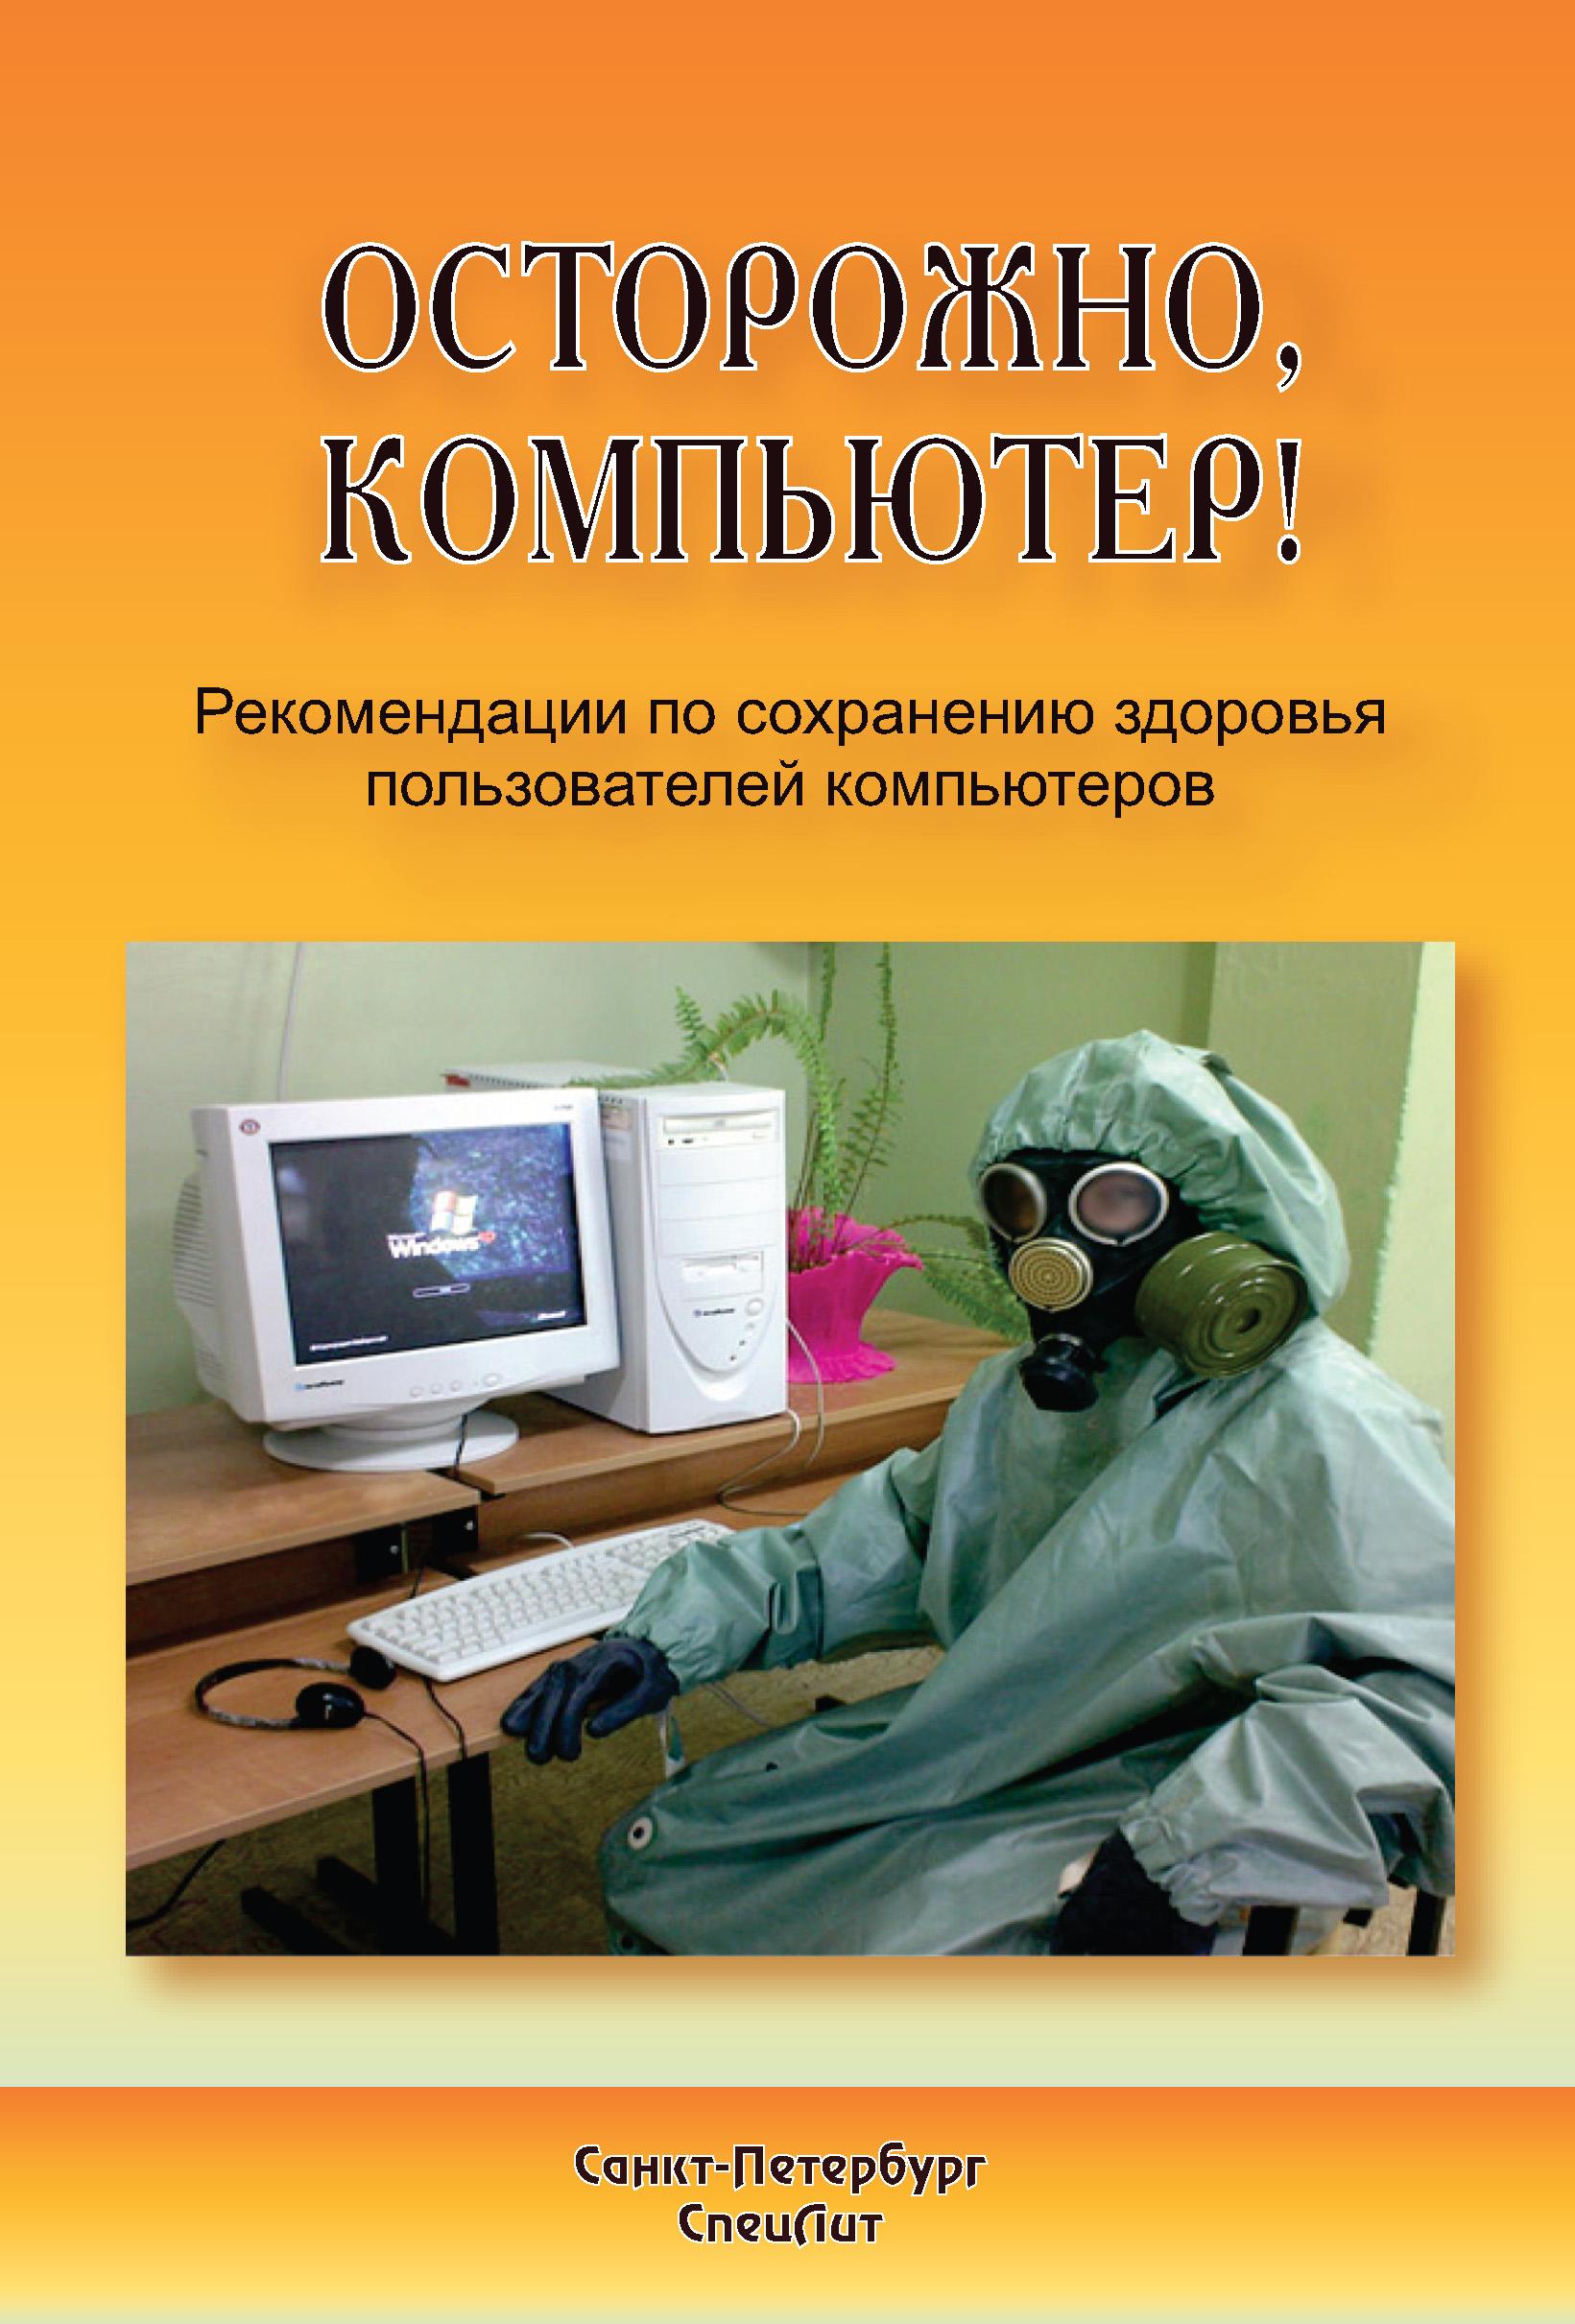 Юрий Лизунов Осторожно, компьютер! Рекомендации по сохранению здоровья пользователей компьютеров компьютер